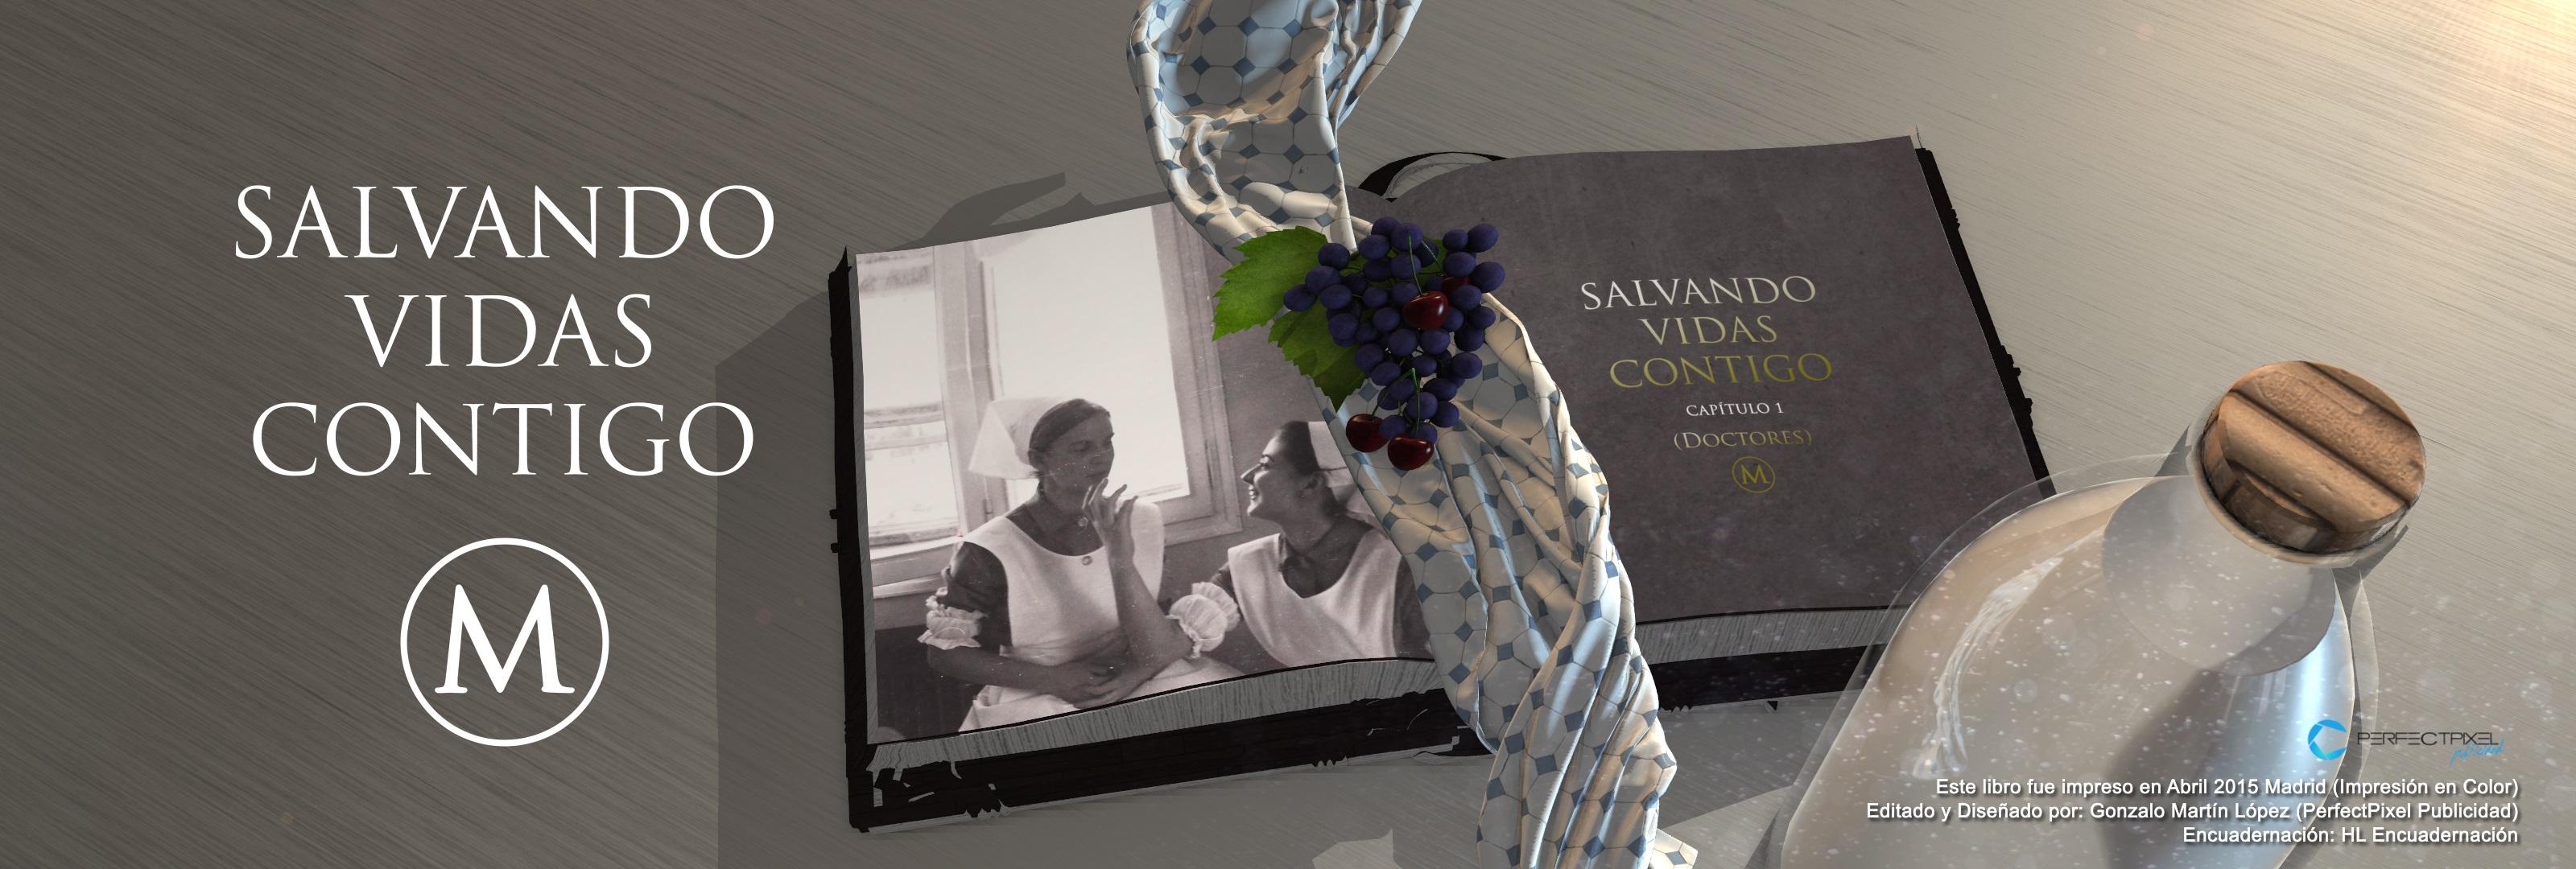 https://www.perfectpixel.es/wp-content/uploads/2015/03/Libro-Salvando-vidas-contigo.jpg